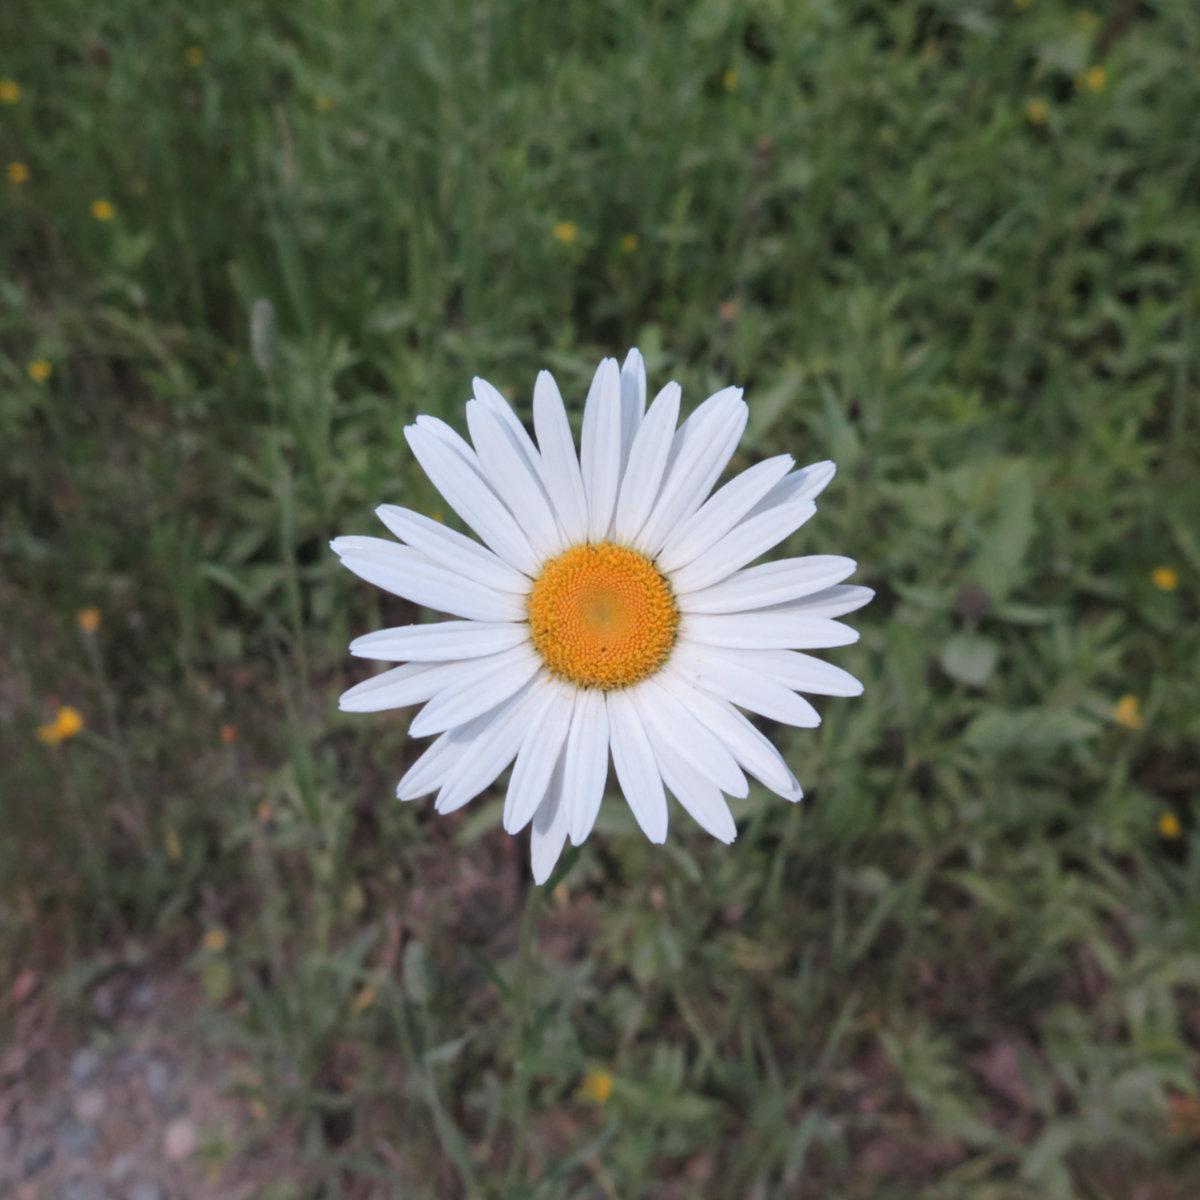 Daisy-Roaring-Brook-BSP-20190705